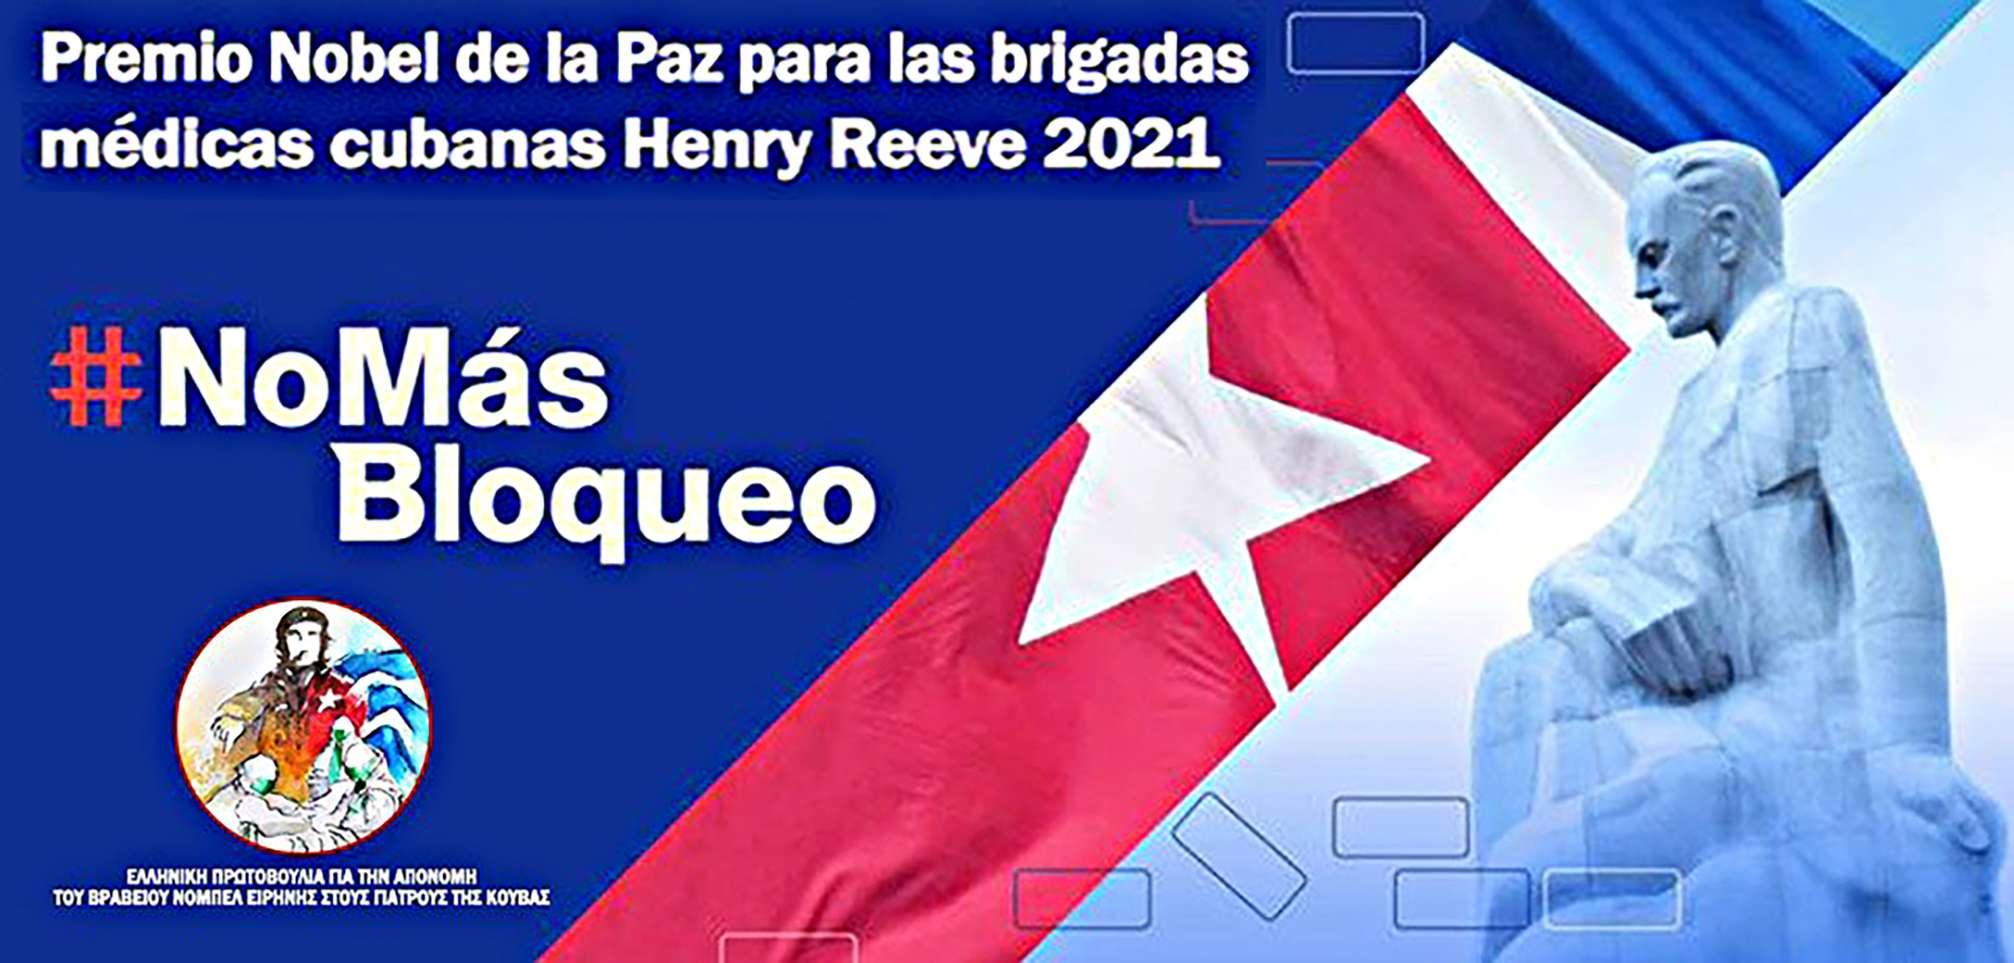 Νόμπελ στην κουβανική ιατρική ταξιαρχία Henry Reeve Νόμπελ ΝΑΙ εμπάργκο ΟΧΙ